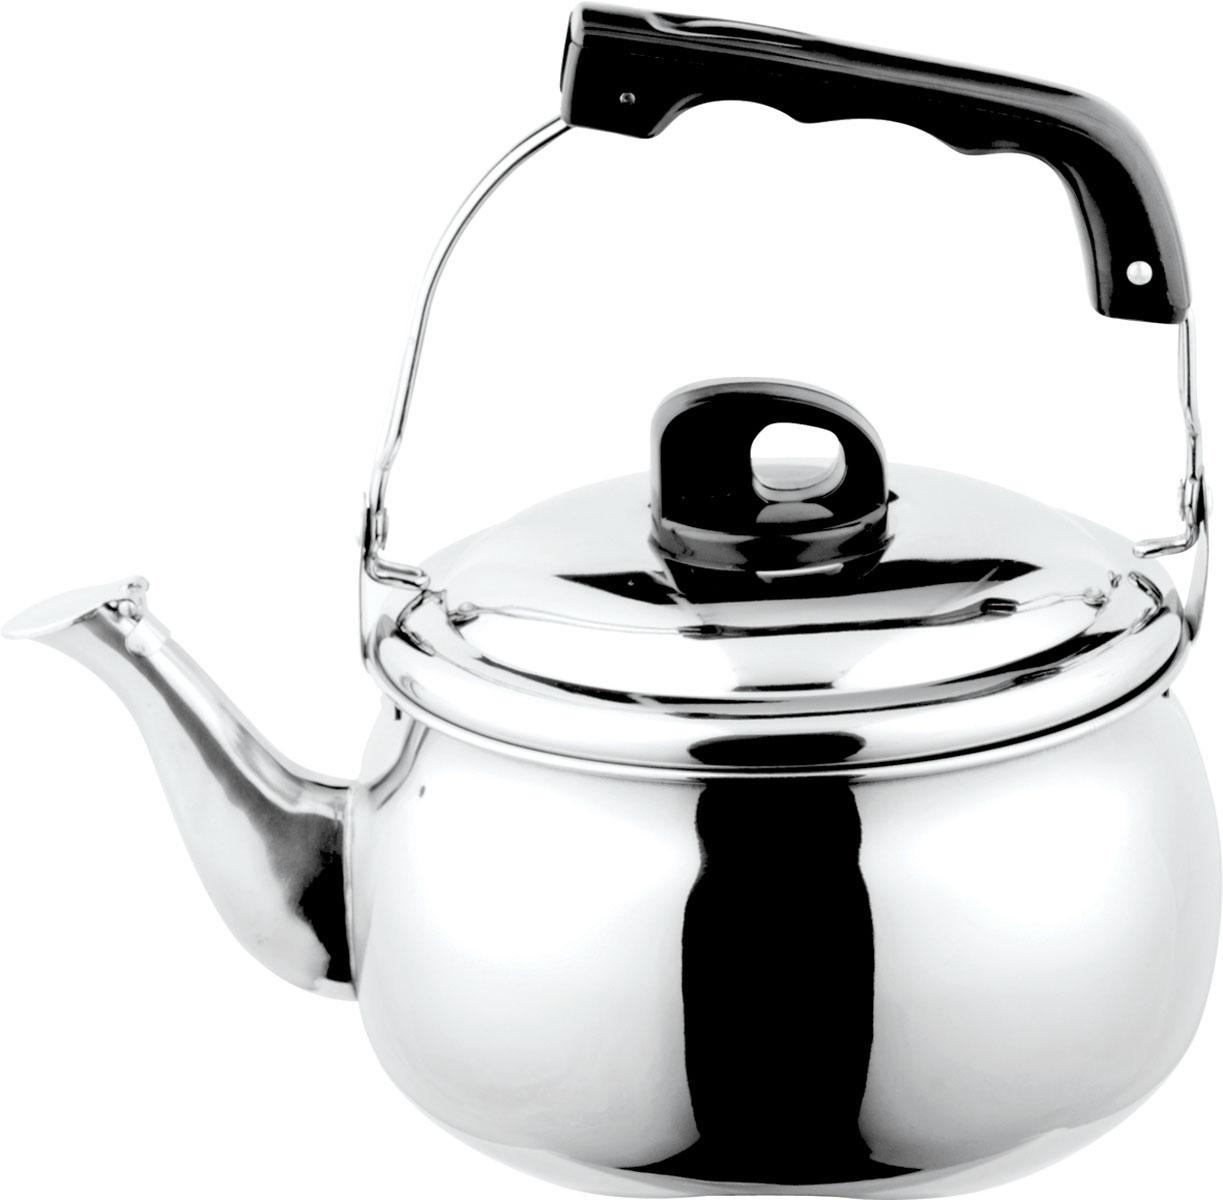 Чайник Bekker, со свистком, 5 лVT-1520(SR)Чайник Bekker выполнен из высококачественной нержавеющей стали, что обеспечивает долговечность использования. Внешнее зеркальное покрытие придает приятный внешний вид. Бакелитовая ручка делает использование чайника очень удобным и безопасным. Цельнометаллическое дно способствует равномерному распространению тепла. Чайник снабжен свистком. Можно мыть в посудомоечной машине. Пригоден для всех видов плит, включая индукционные.